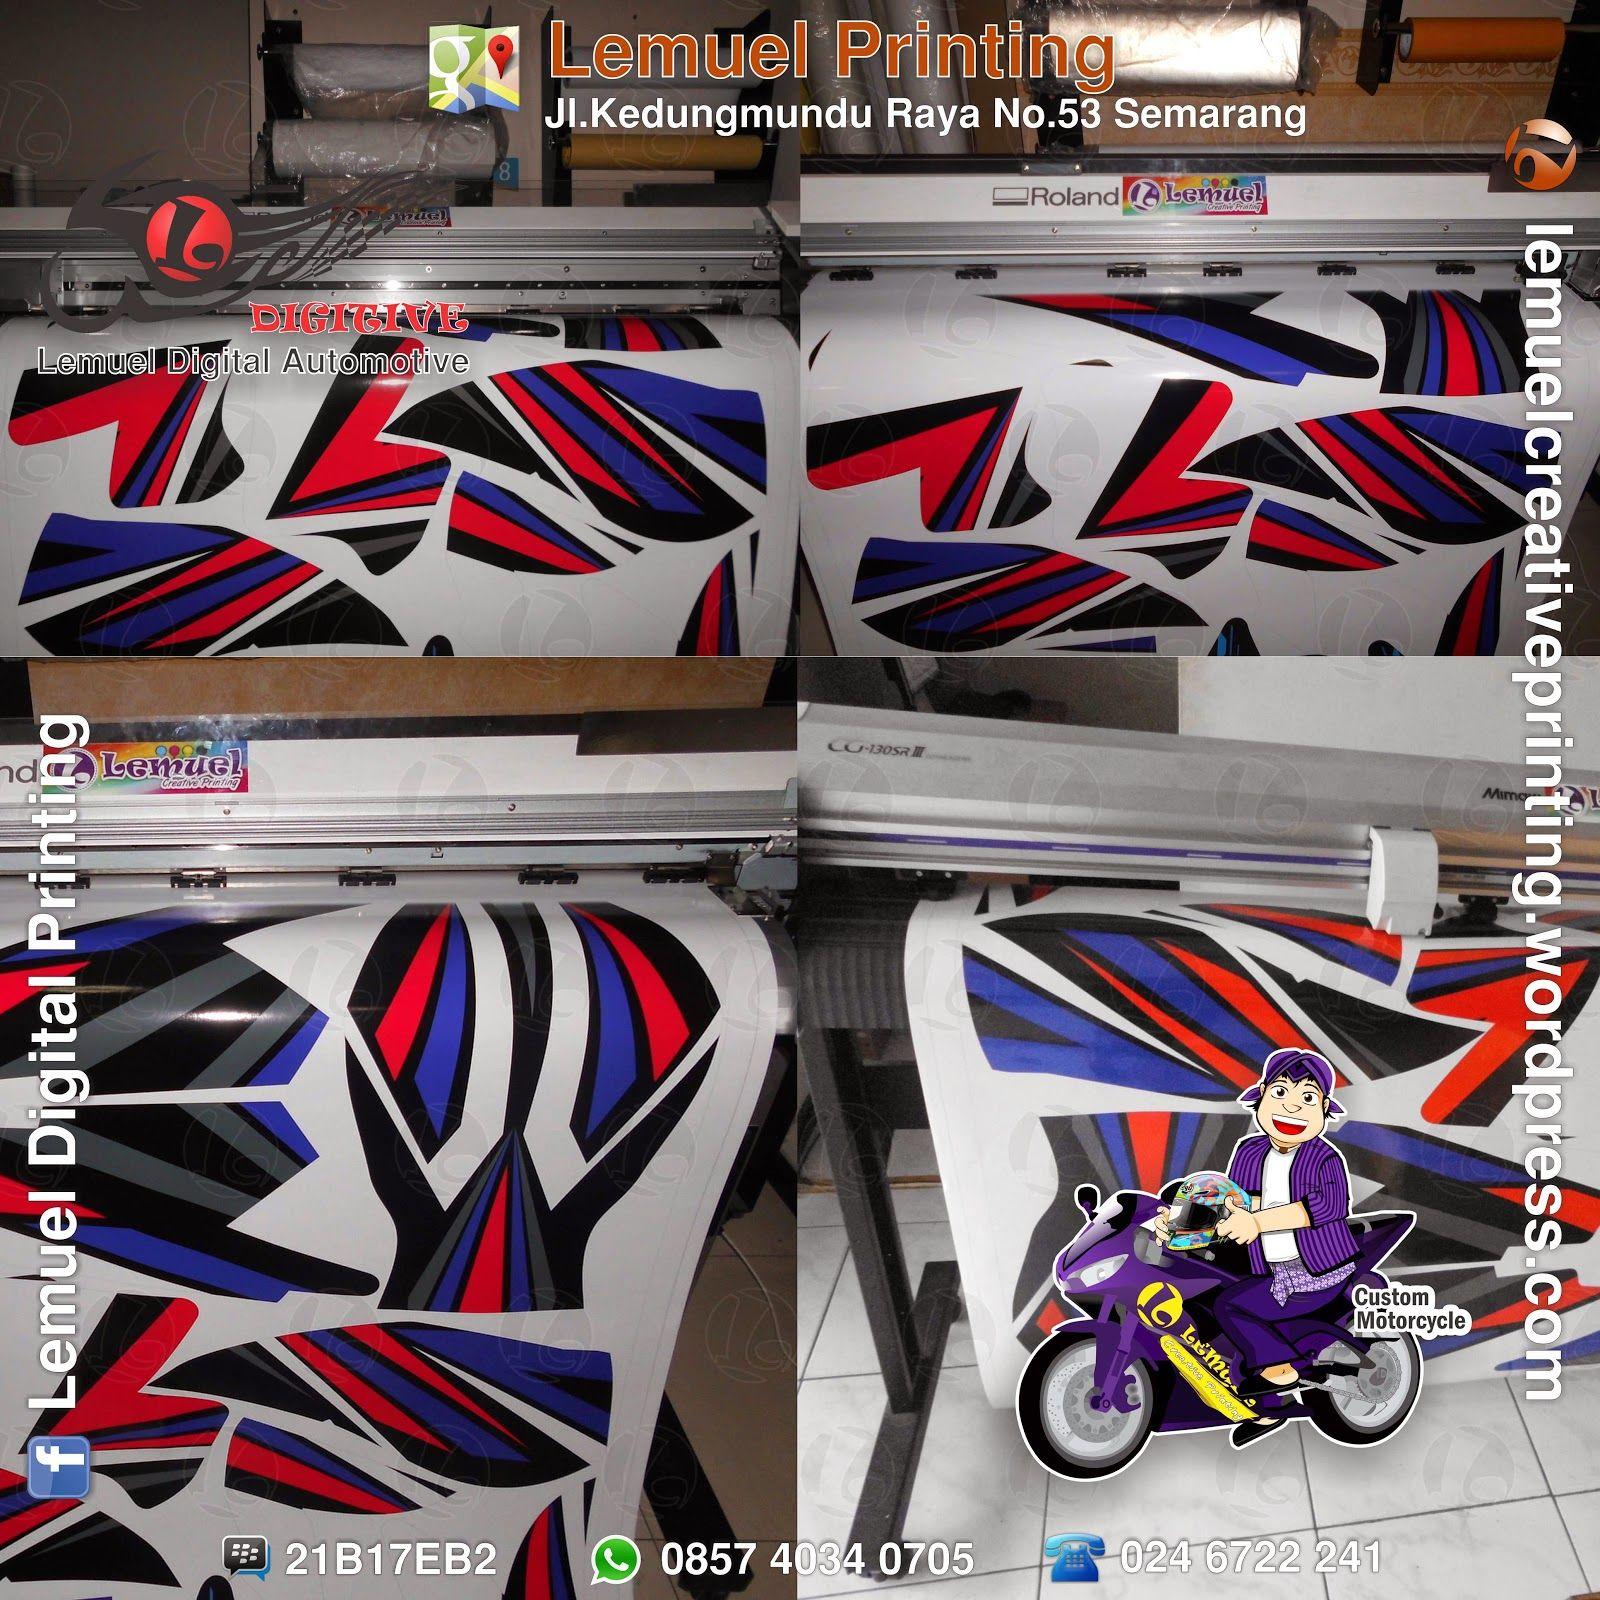 Lemuel decal vinyl striping motor full body di motor supra x 125 berkualitas by digitive